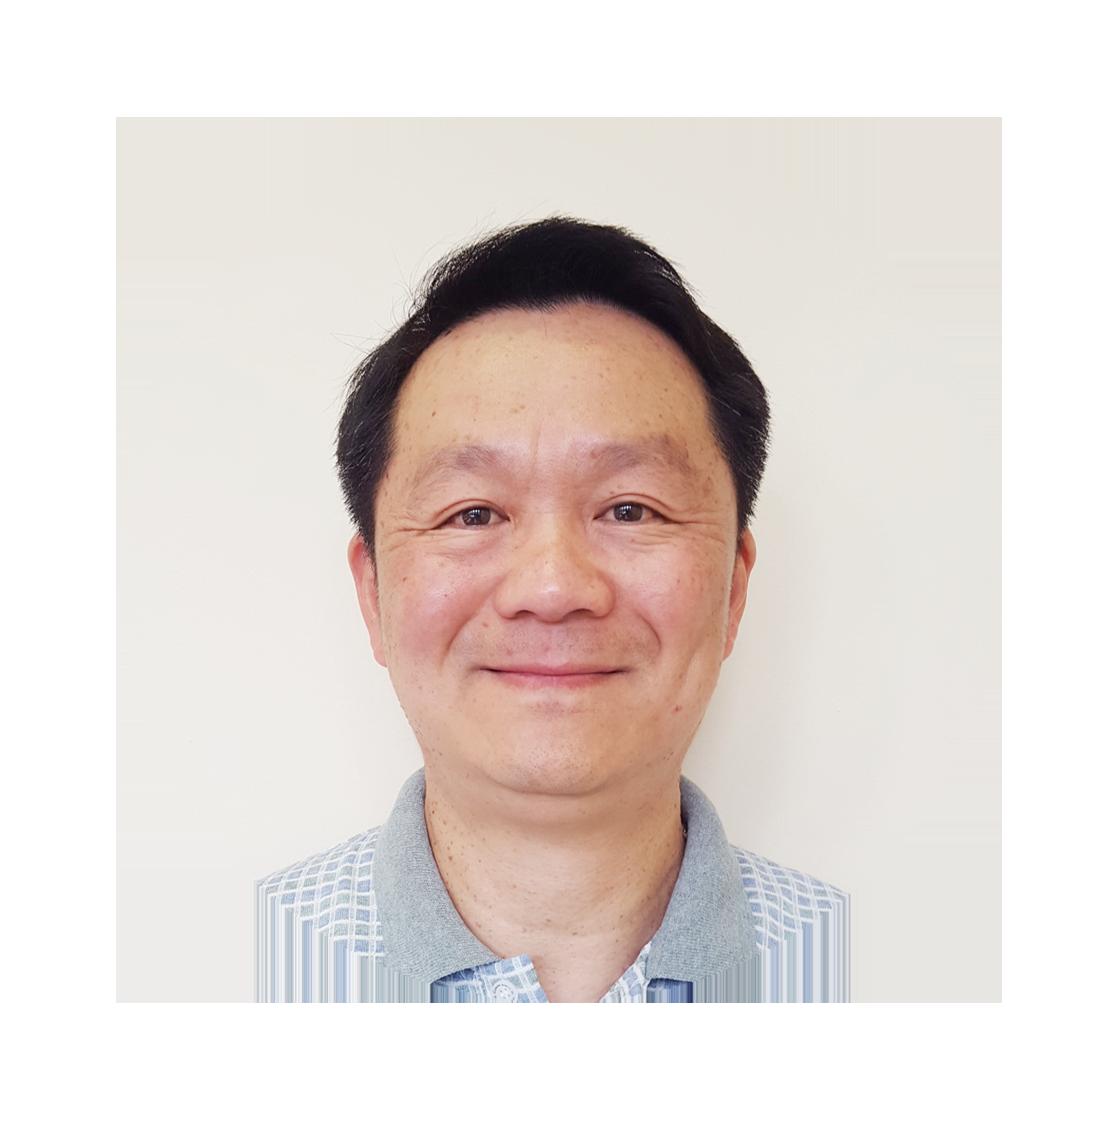 Arthur Yang - Mathematics Tutor at Pinnacle Coaching College